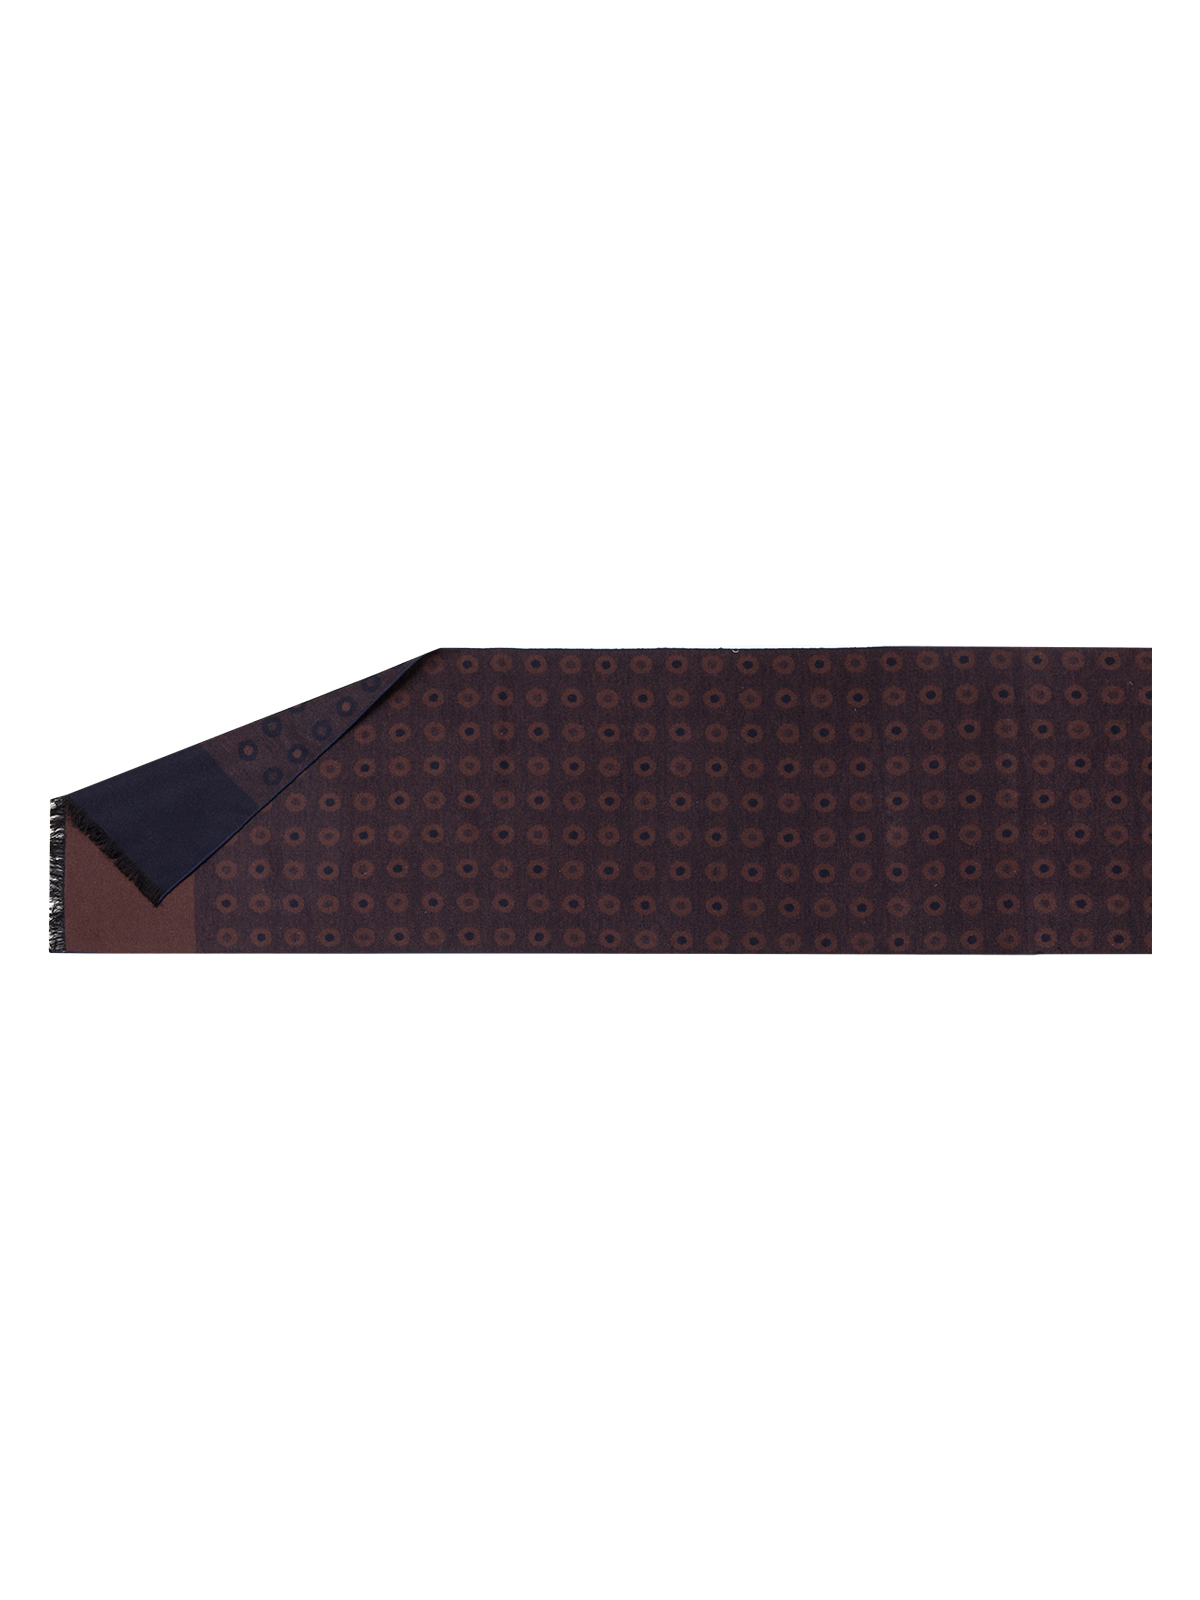 Шарф мужской Eleganzza, цвет: темно-коричневый. JG43-7610. Размер 32 см х 180 смJG43-7610Элегантный мужской шарф Eleganzza согреет вас в холодное время года, а также станет изысканным аксессуаром. Оригинальный и стильный шарф выполнен из сочетания высококачественных материалов шерстии шелка, оформлен контрастным принтом и украшен жгутиками бахромой по краям.